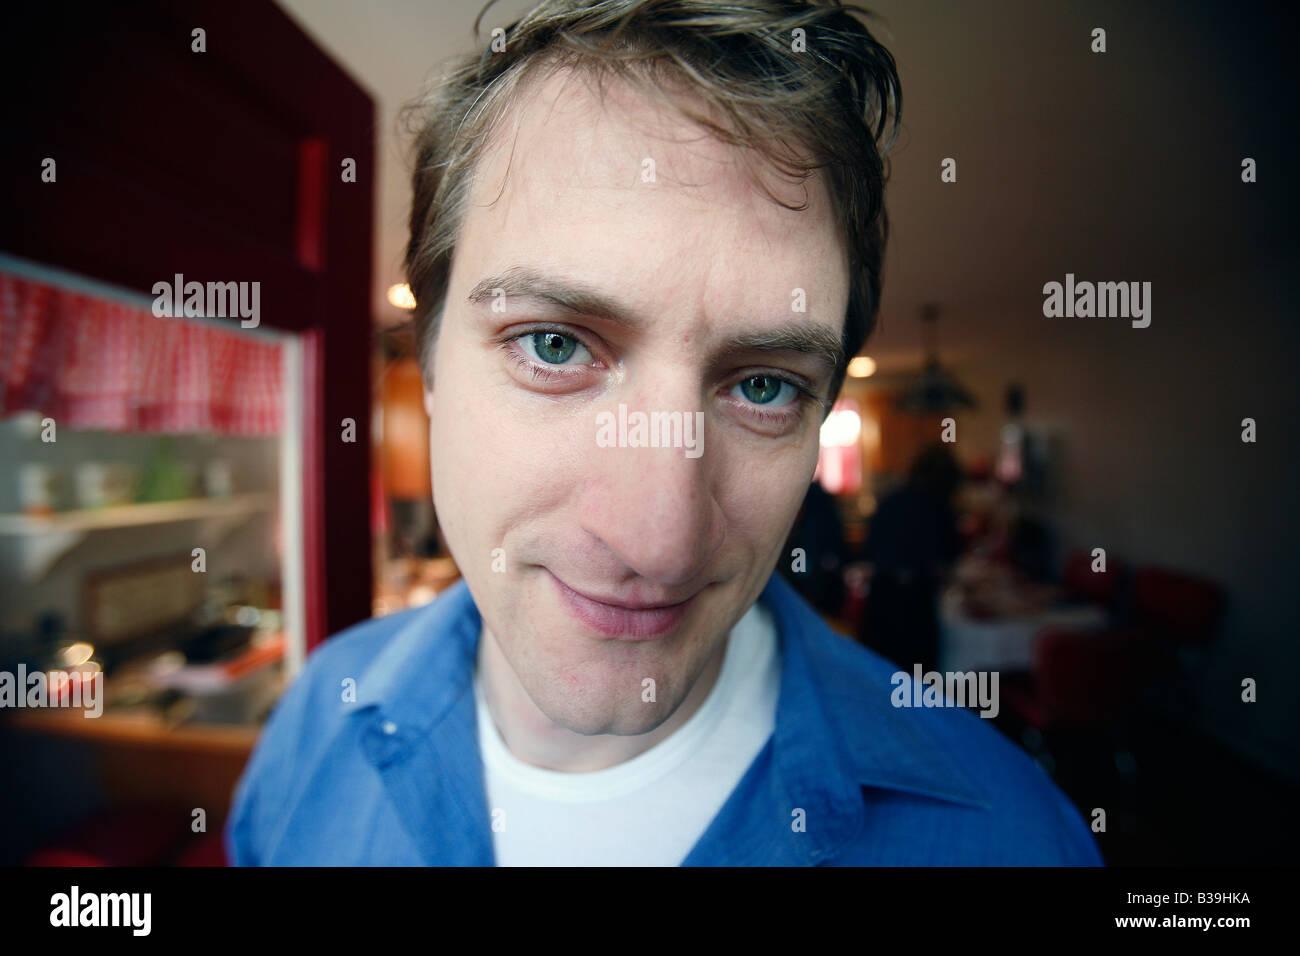 Man, thirties - Stock Image